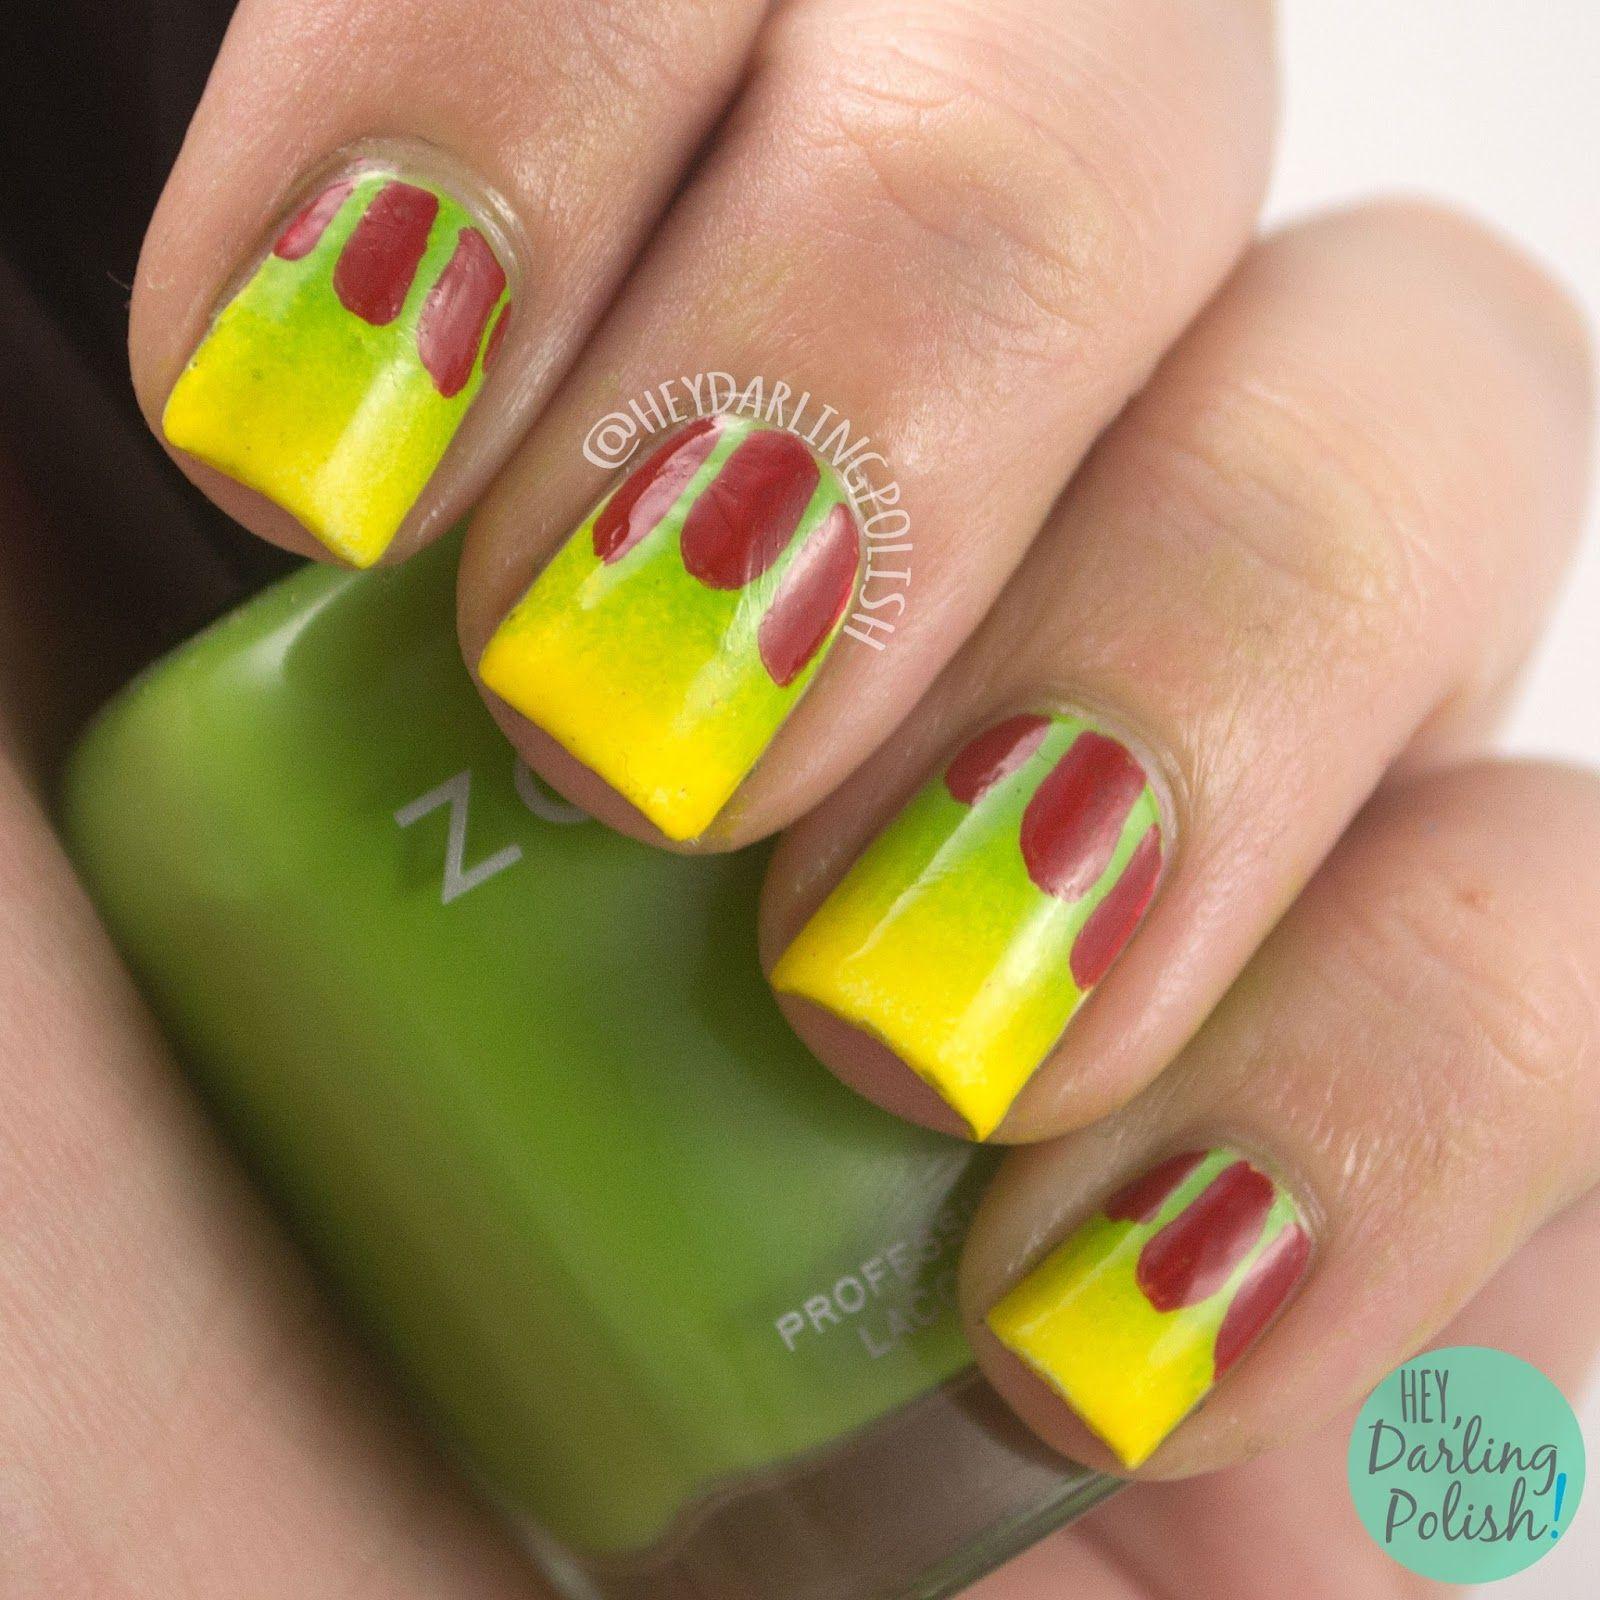 nails, nail art, nail polish, jurassic park, hey darling polish ...